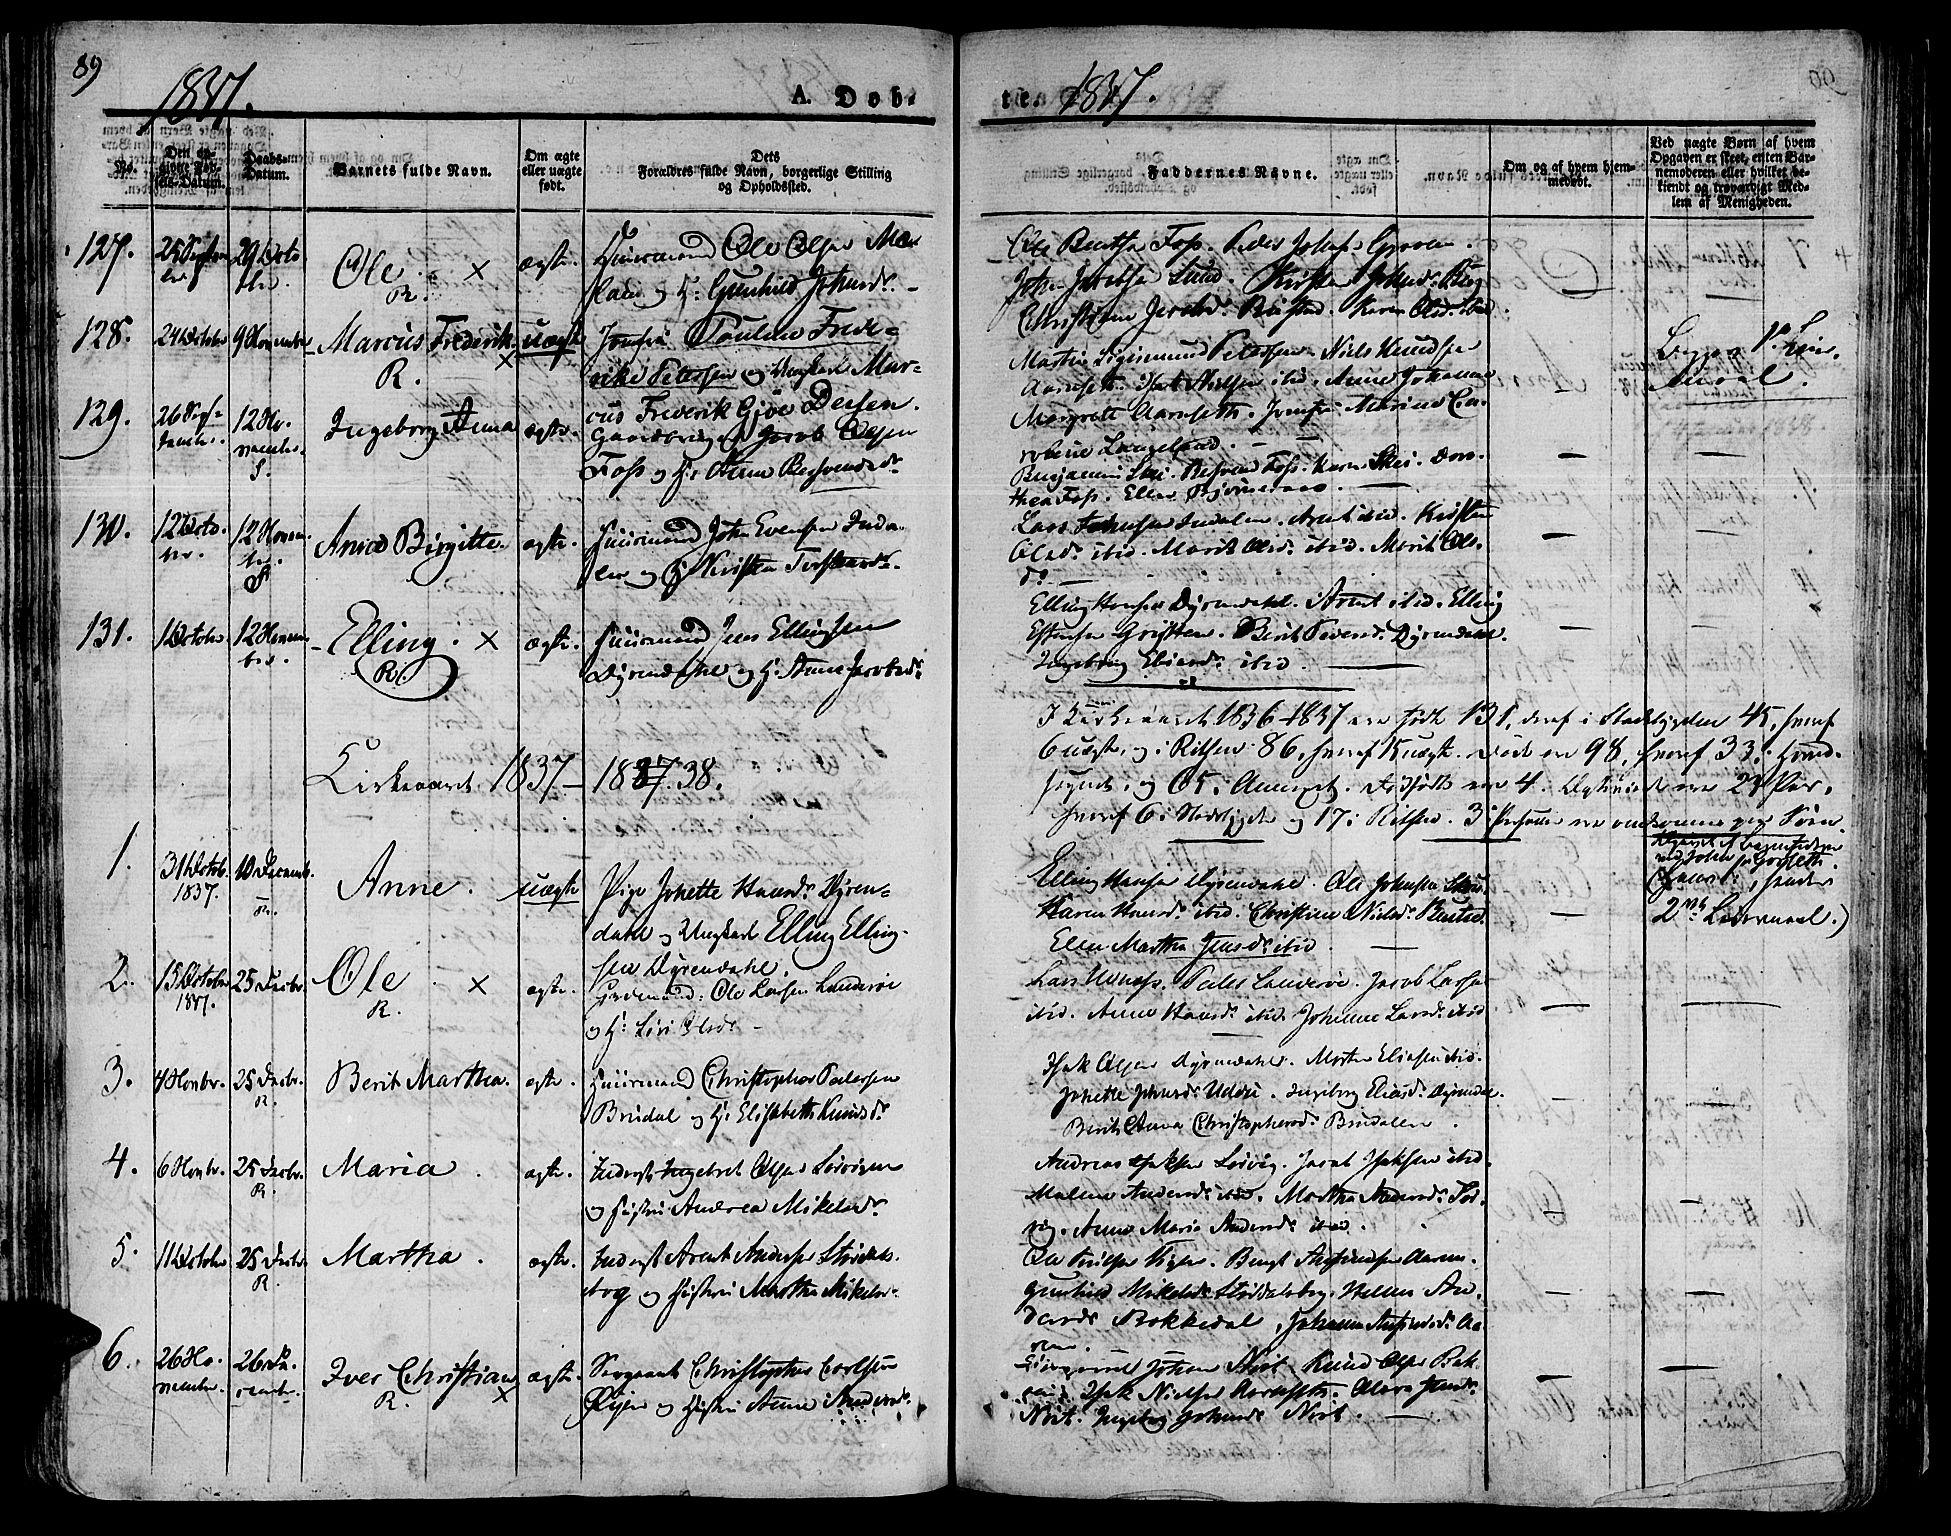 SAT, Ministerialprotokoller, klokkerbøker og fødselsregistre - Sør-Trøndelag, 646/L0609: Ministerialbok nr. 646A07, 1826-1838, s. 89